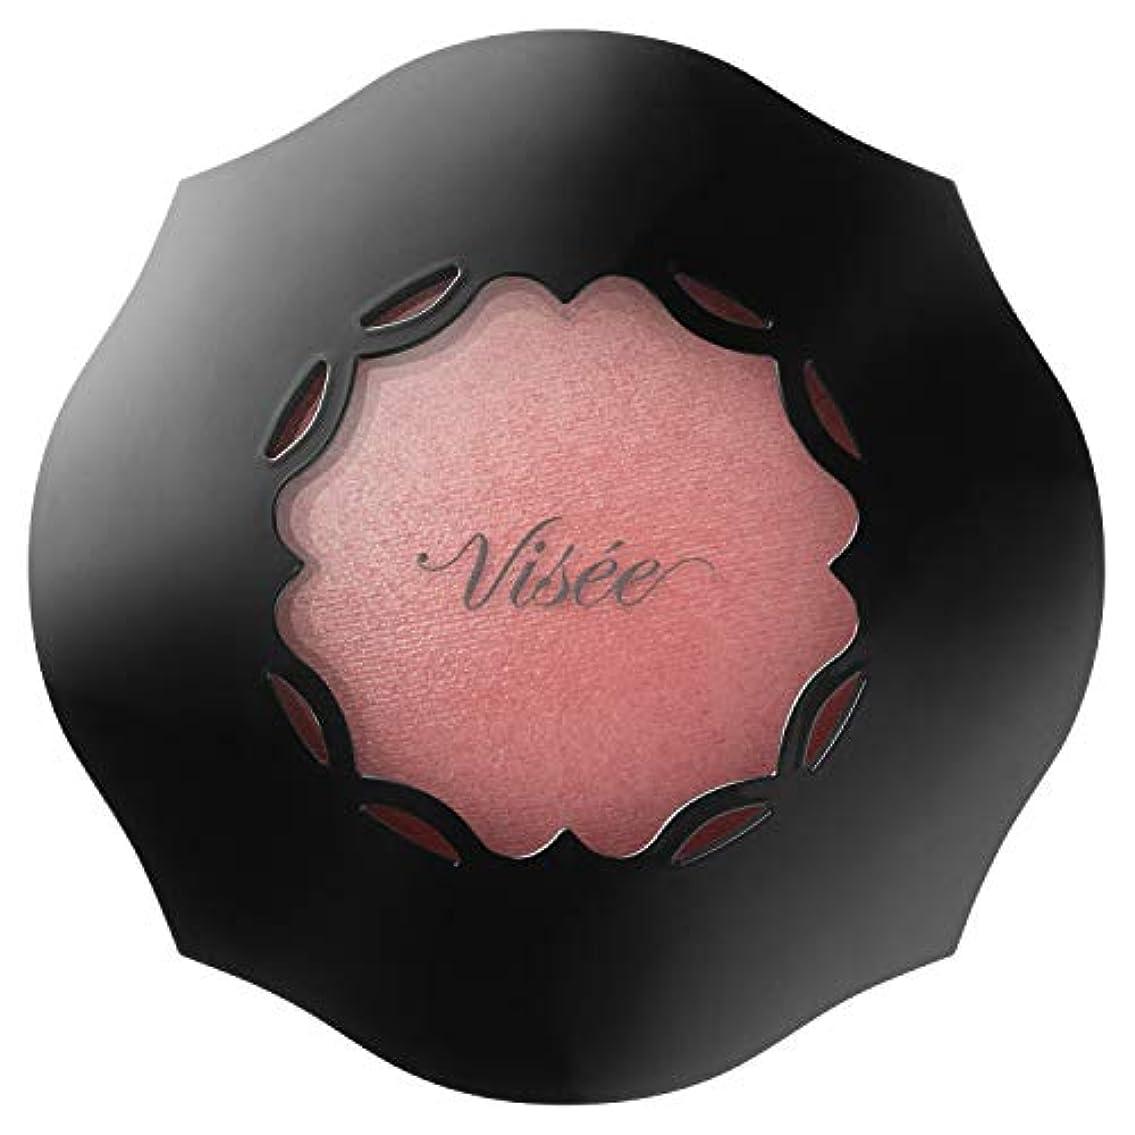 ペニー笑手首Visee(ヴィセ) フォギーオンチークス N BE821 アプリコットベージュ 5g